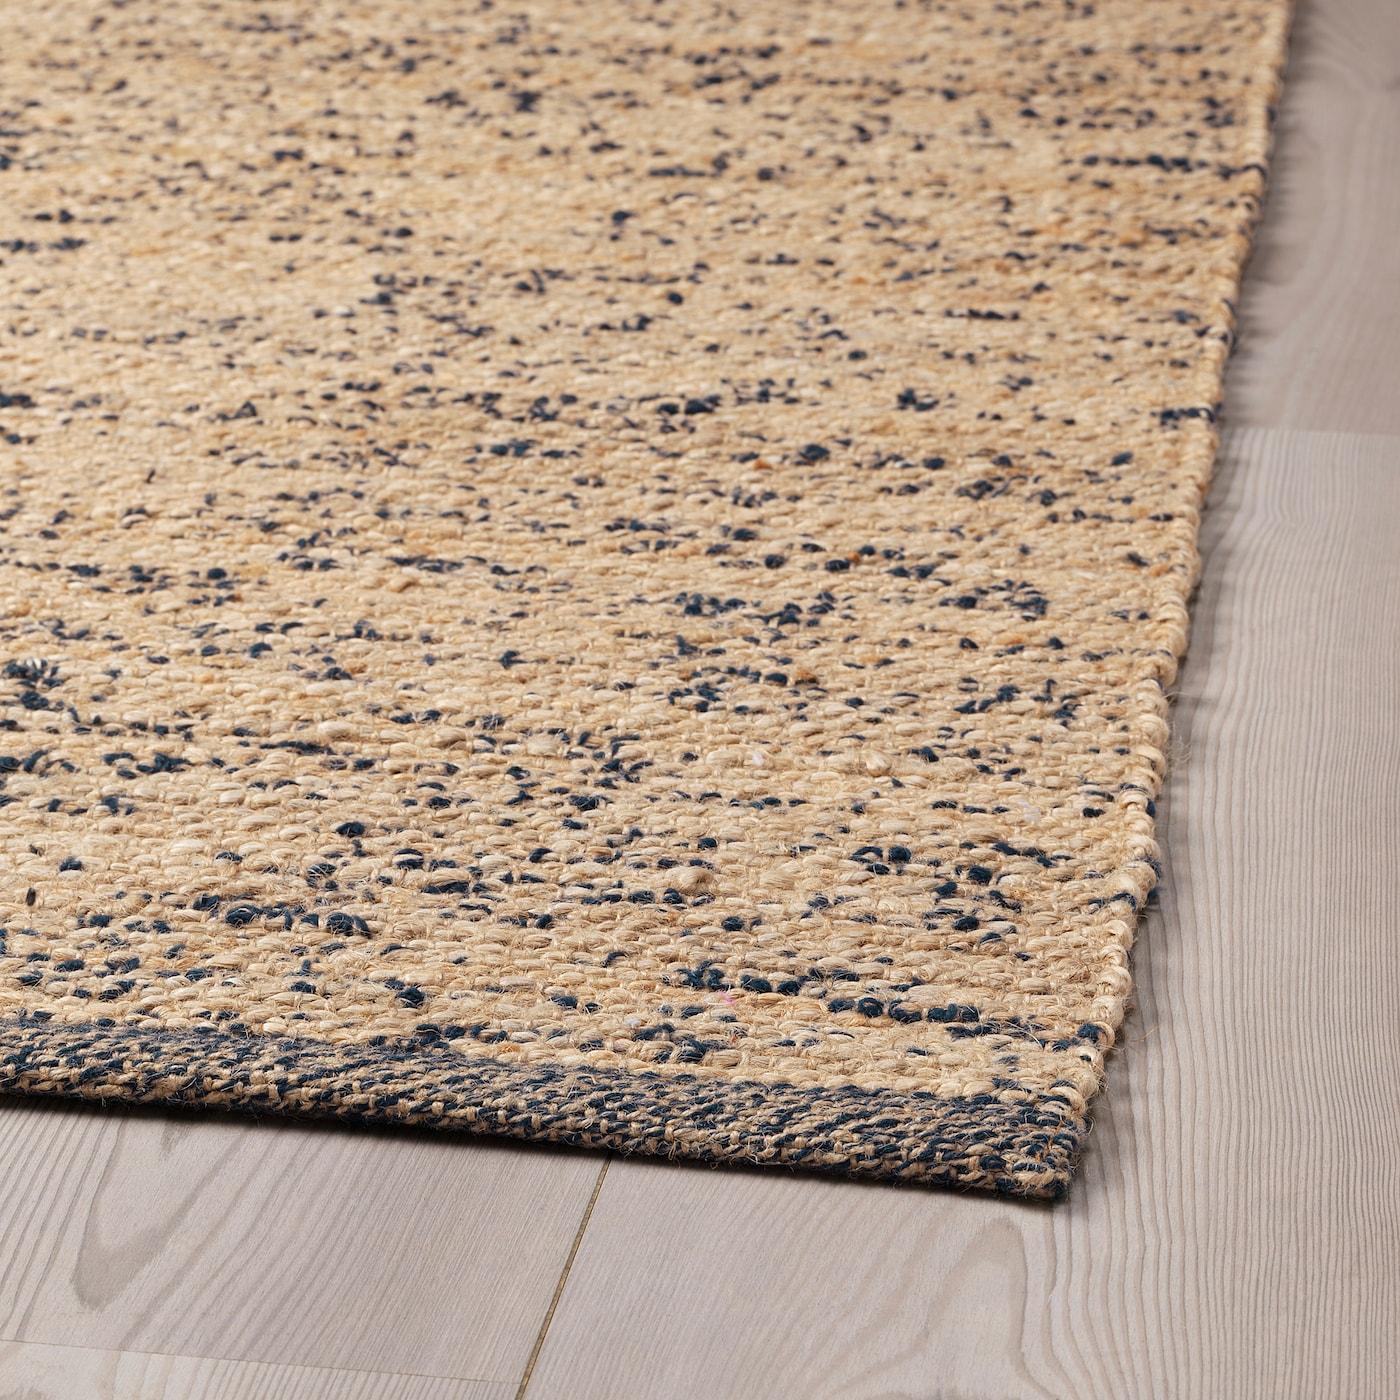 Lavare Tappeto Lana Ikea melholt tappeto, tessitura piatta - fatto a mano naturale, blu scuro  133x195 cm